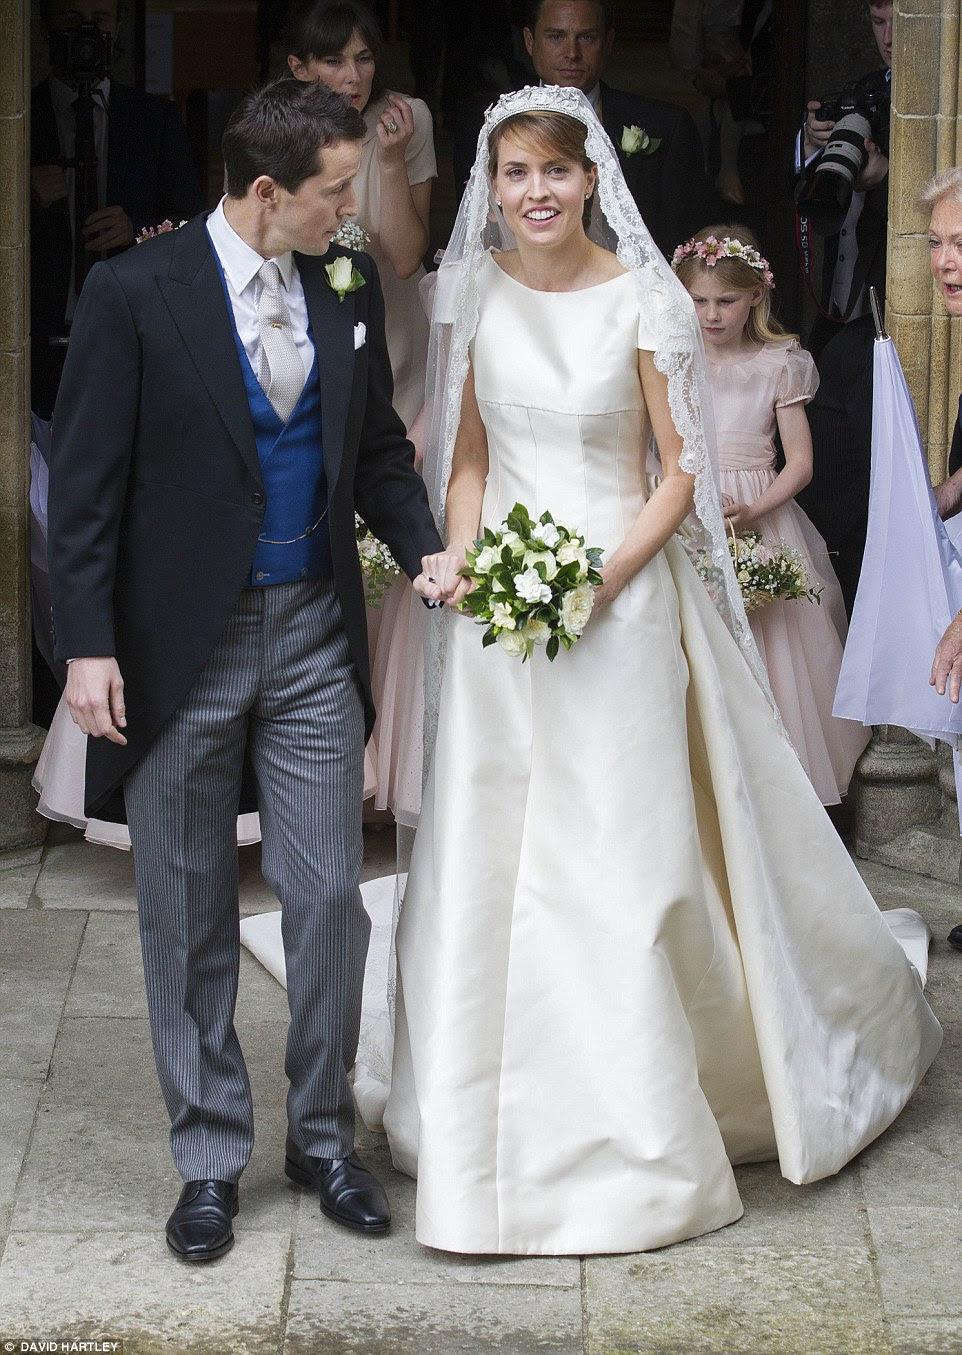 Os recém-casados tomar o seu primeiro passo como um casal como eles deixam Romsey Abbey após seu casamento ansiosamente aguardado hoje cedo